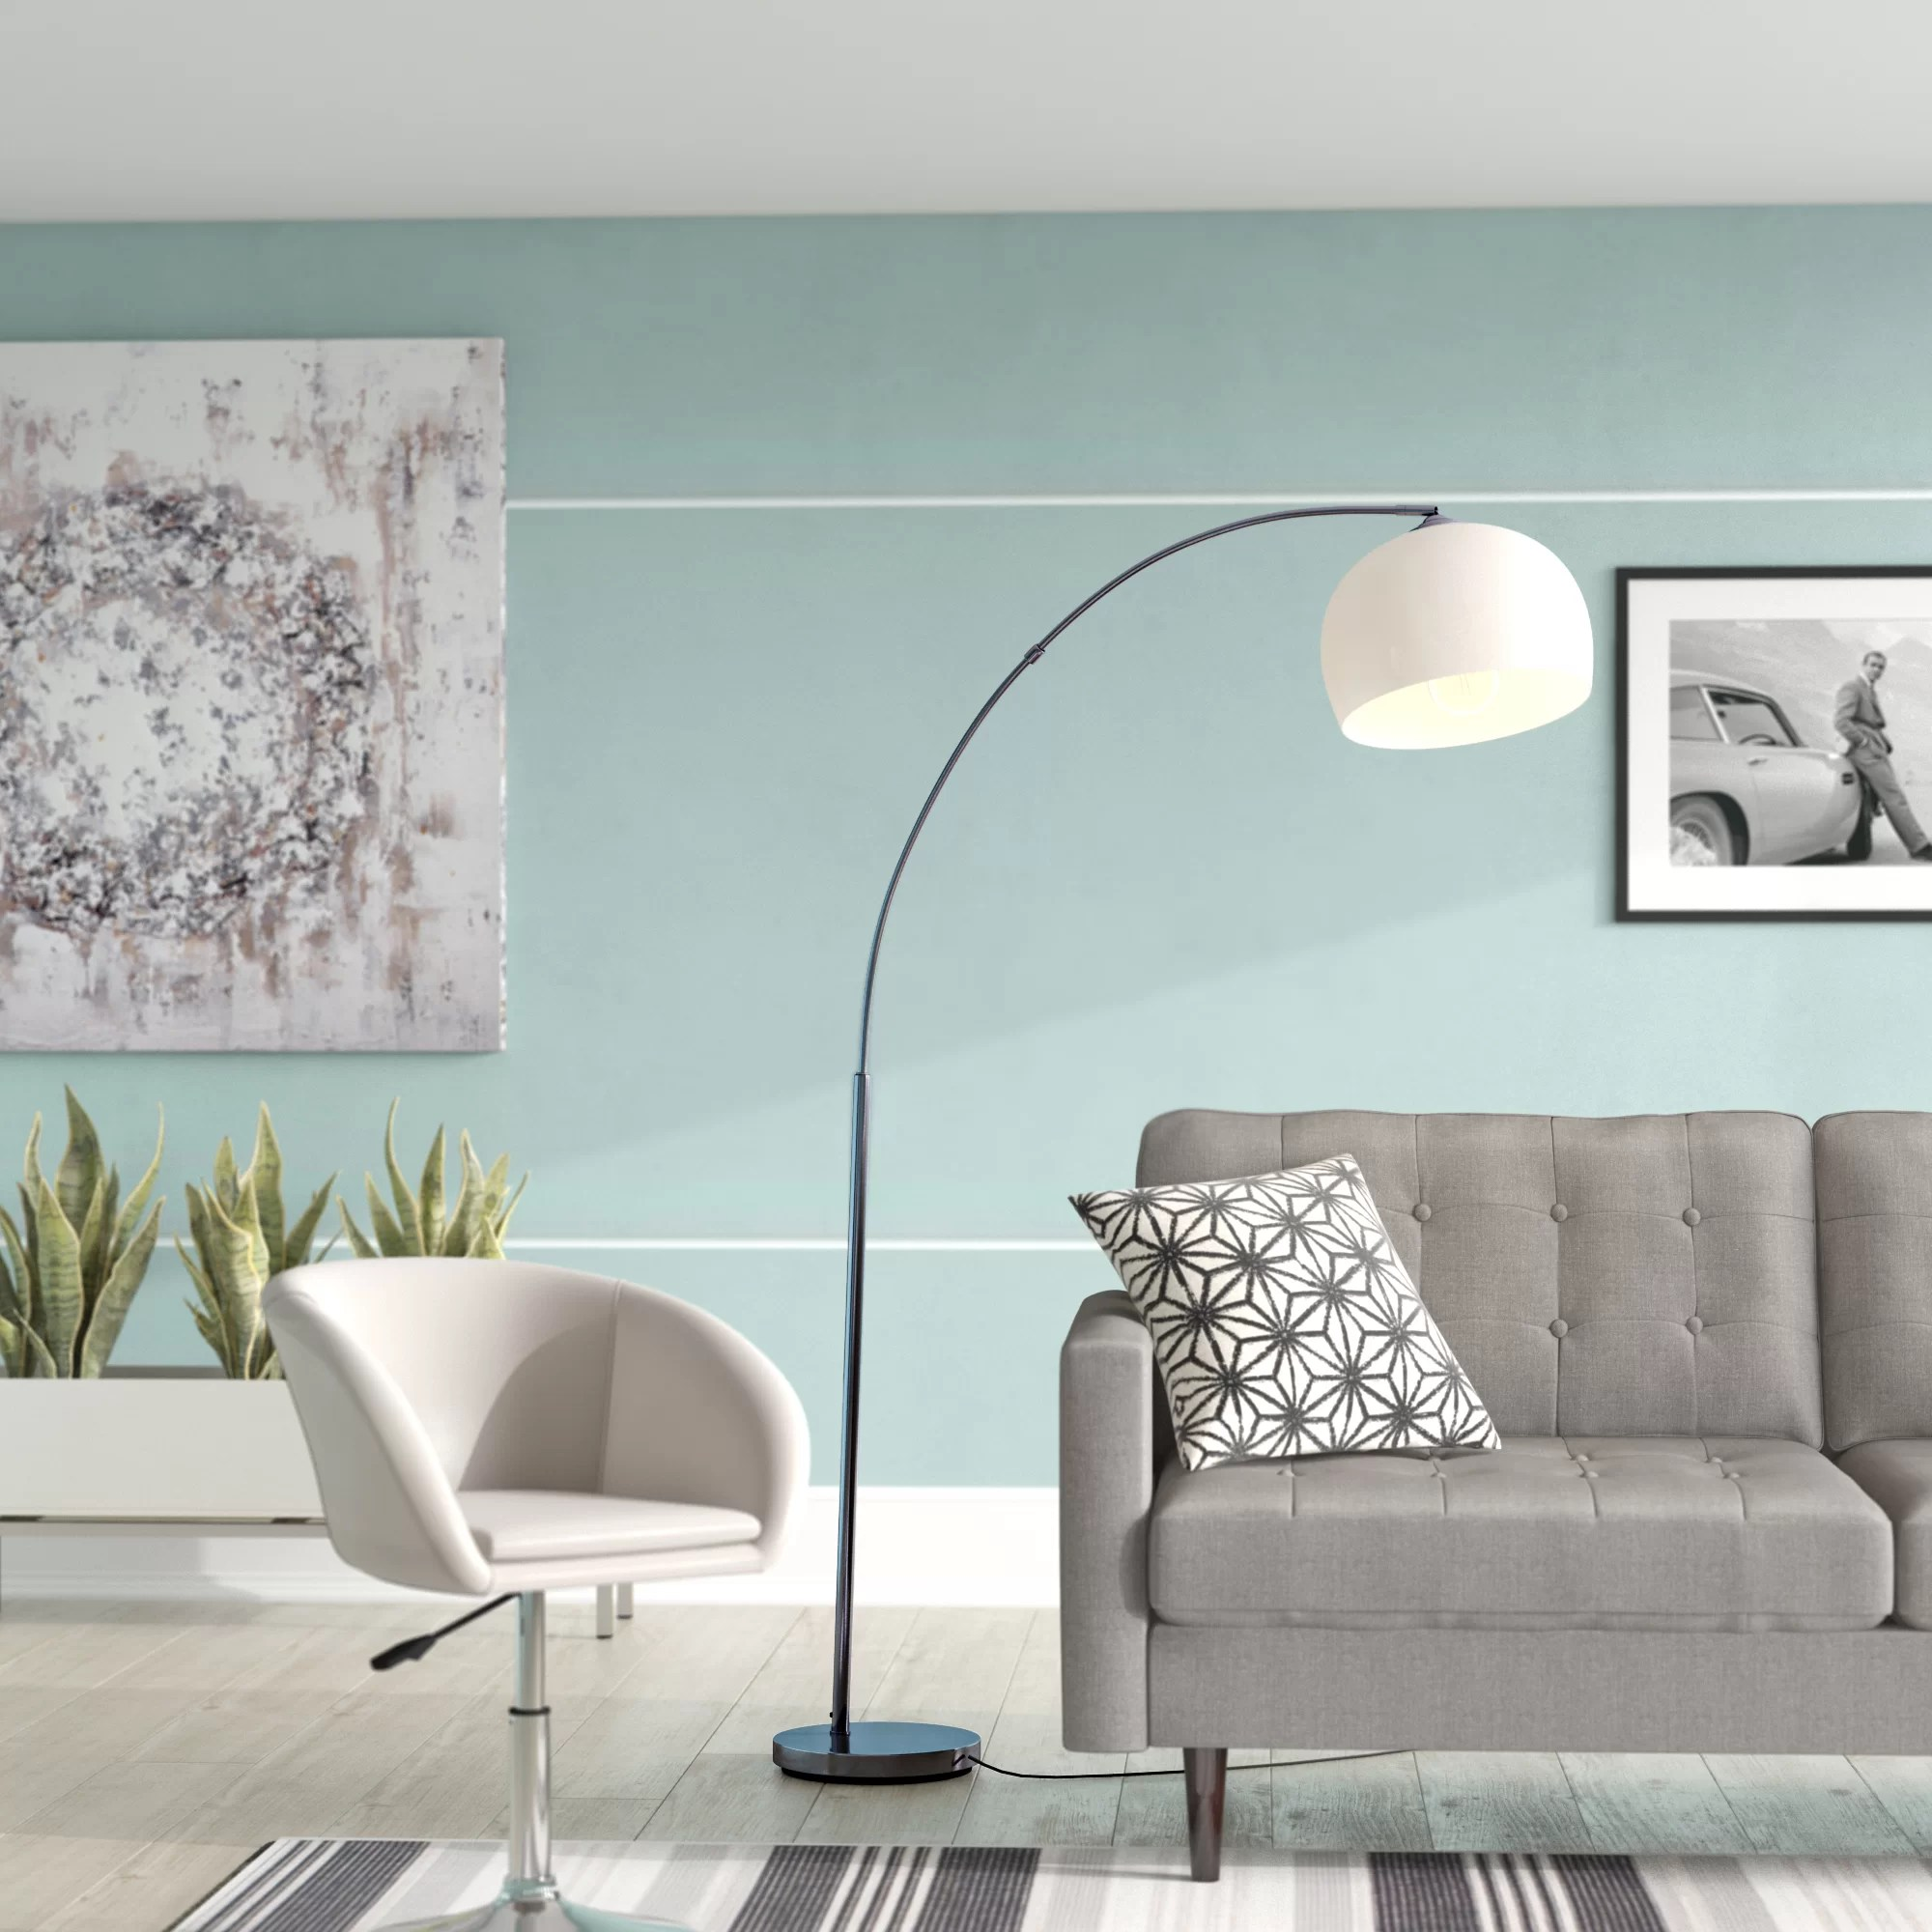 Bogenlampe Wohnzimmer